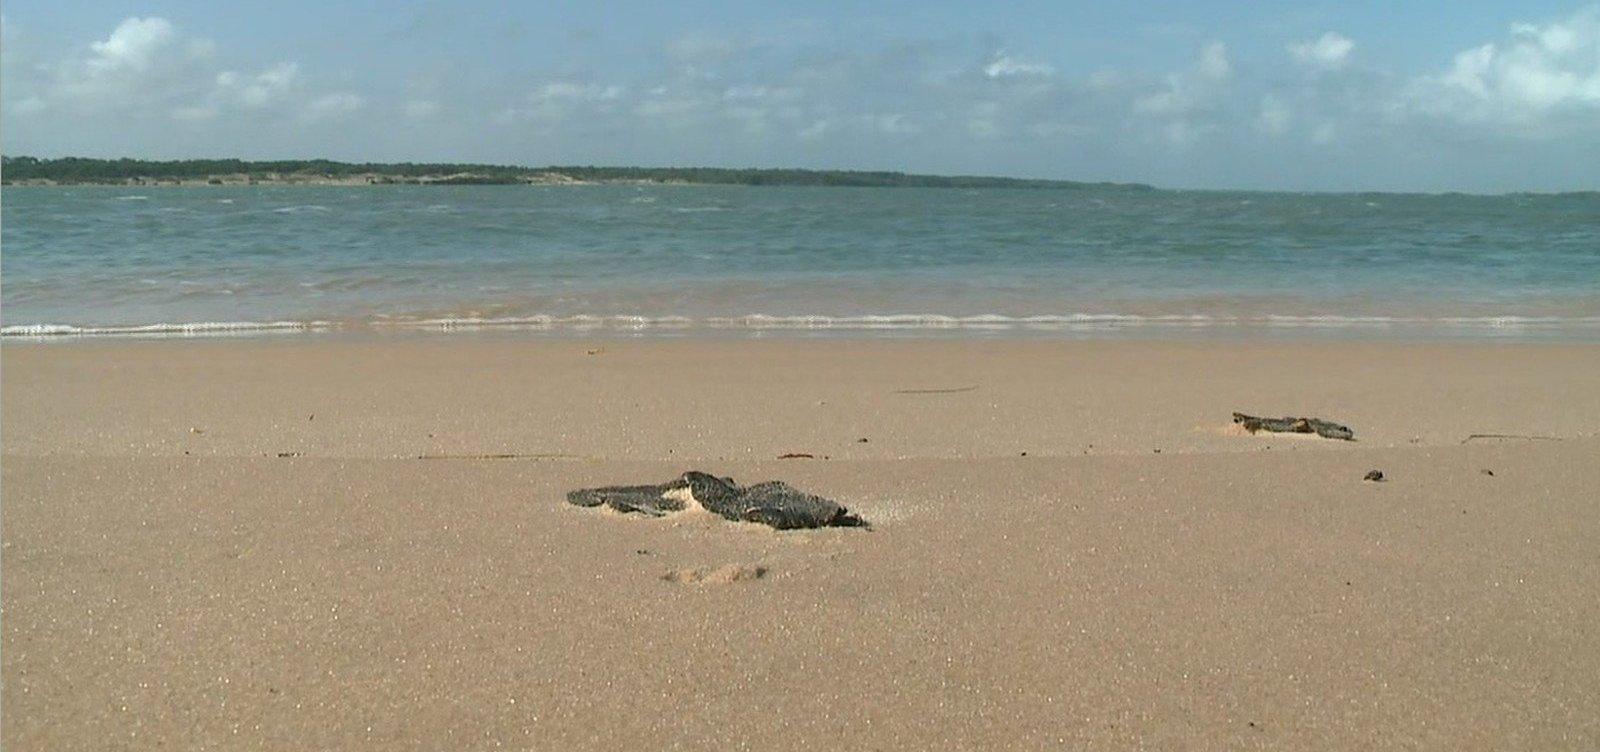 Ufba: Número de animais vivos no litoral norte da Bahia reduziu em 65% após manchas de óleo